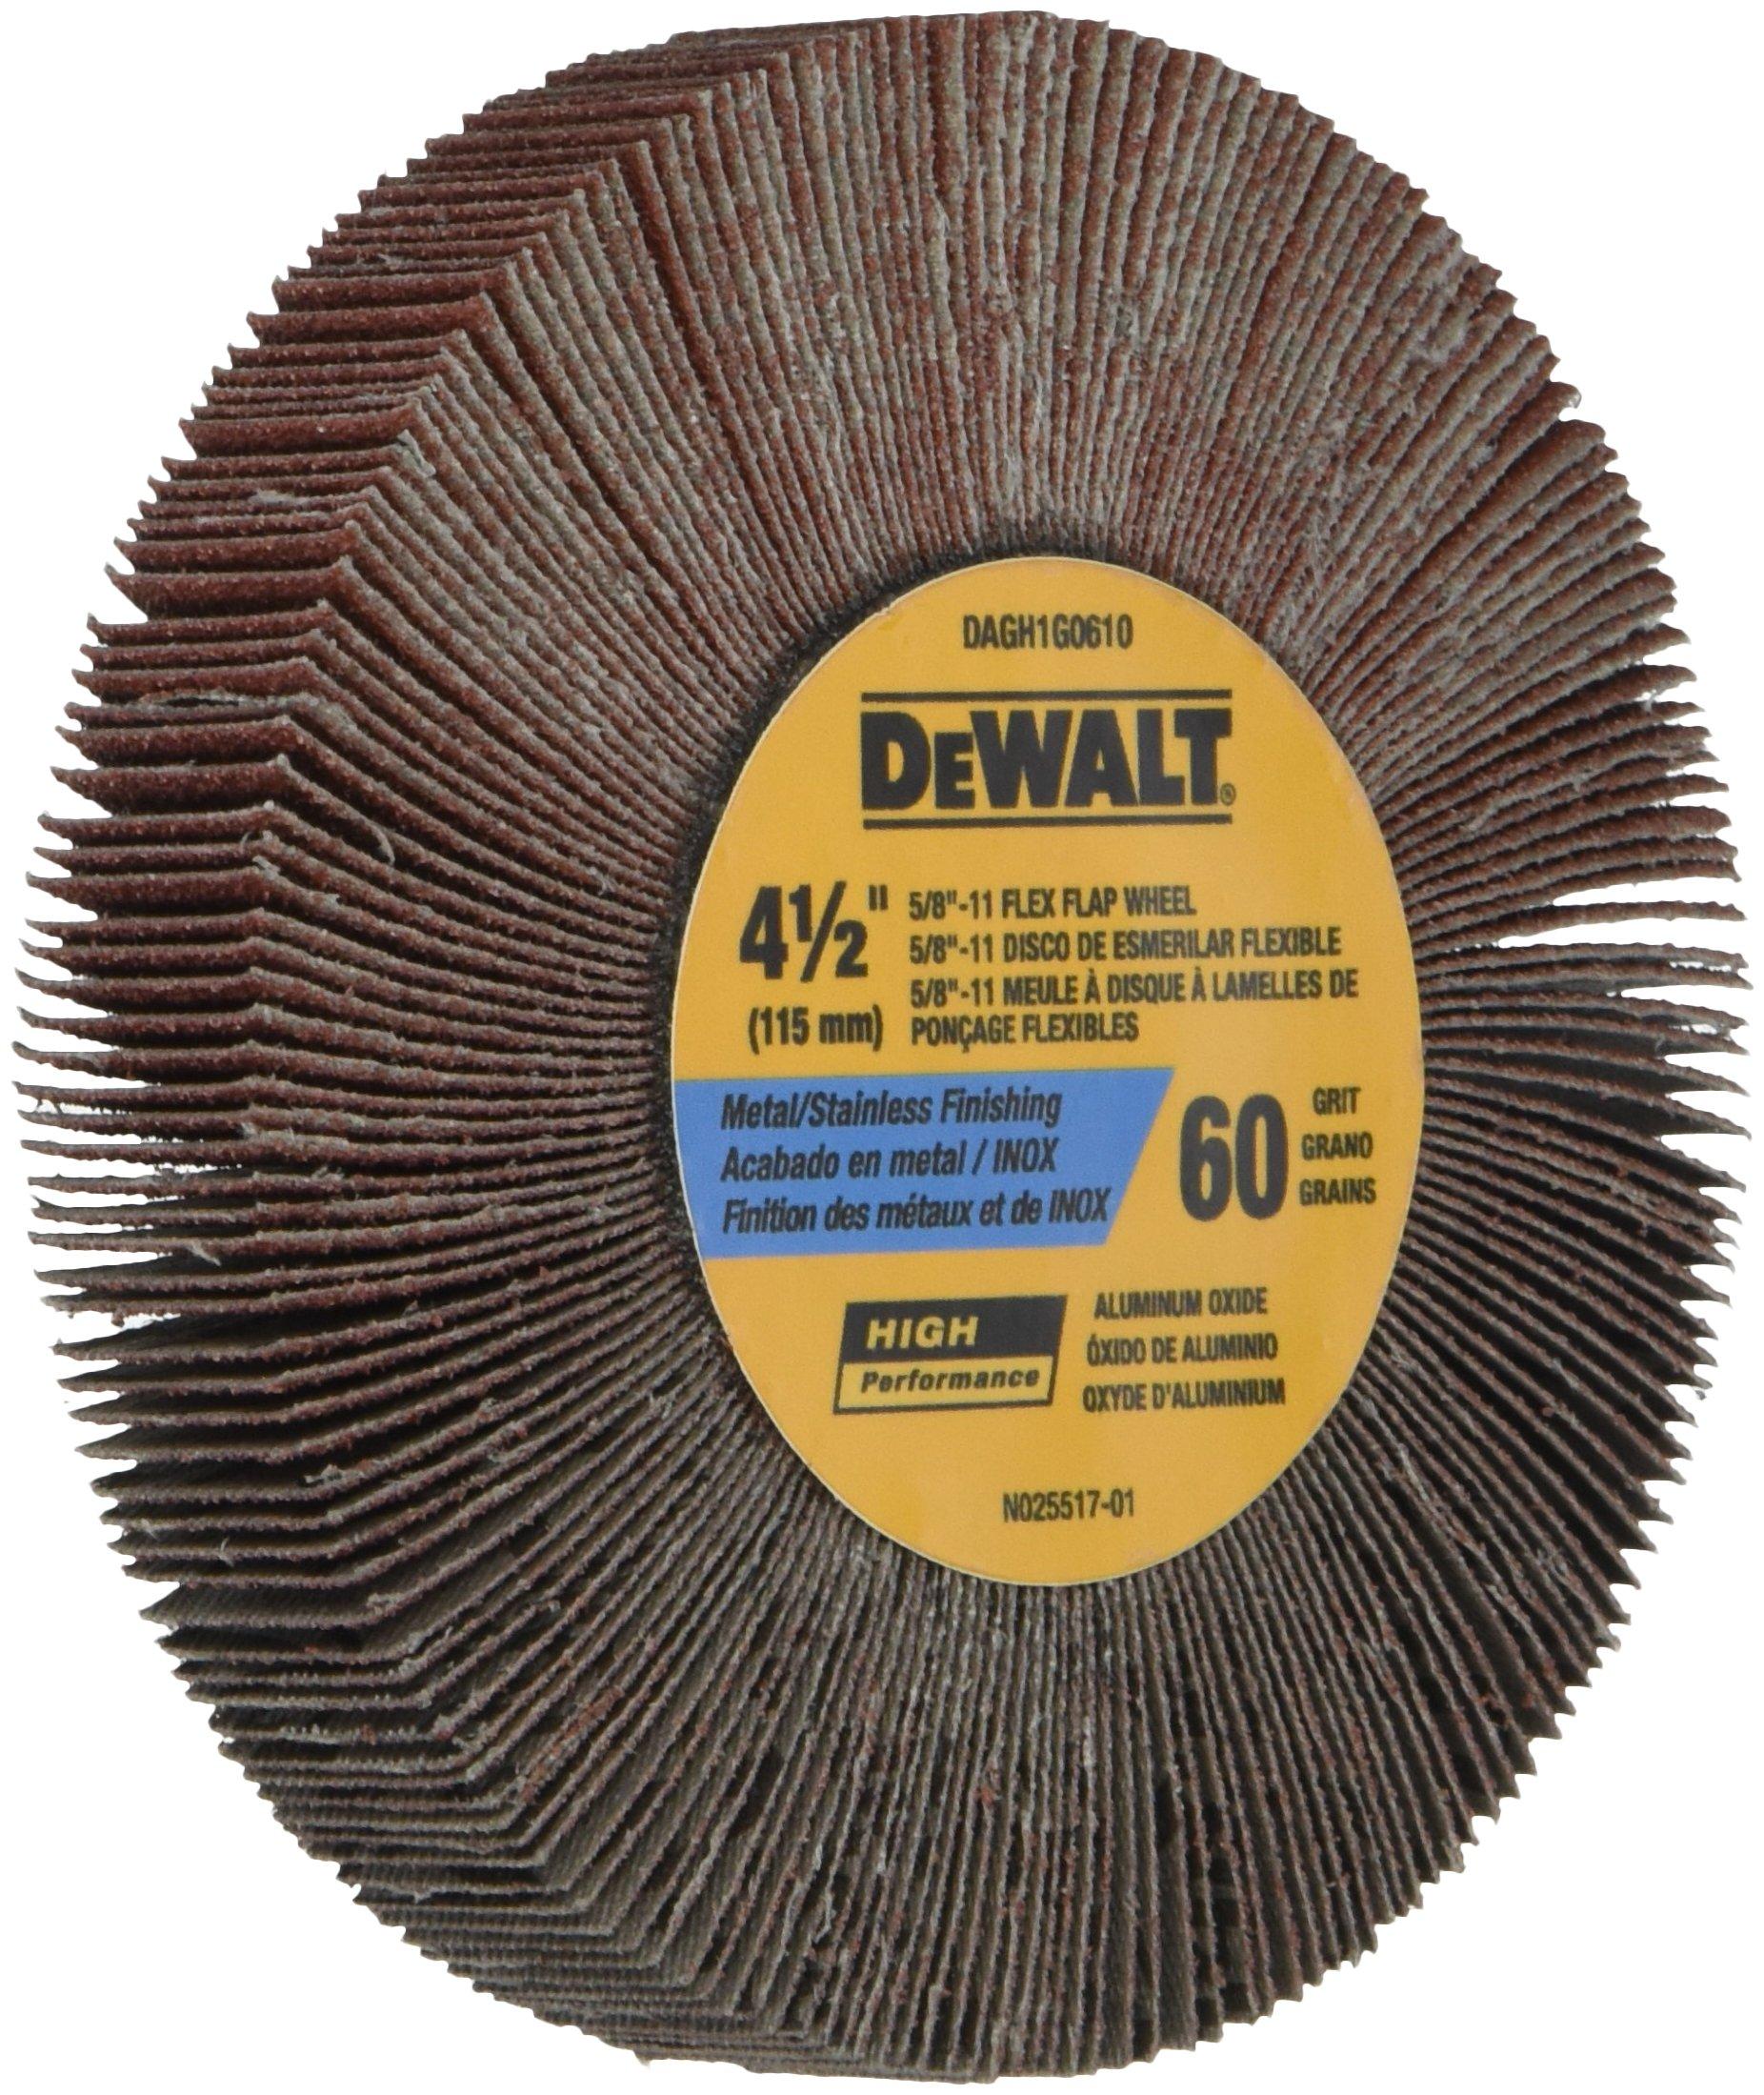 DEWALT DAGH1G0610 4-1/2 by 1-3/26 by 5/8-11 60g Flap Wheel